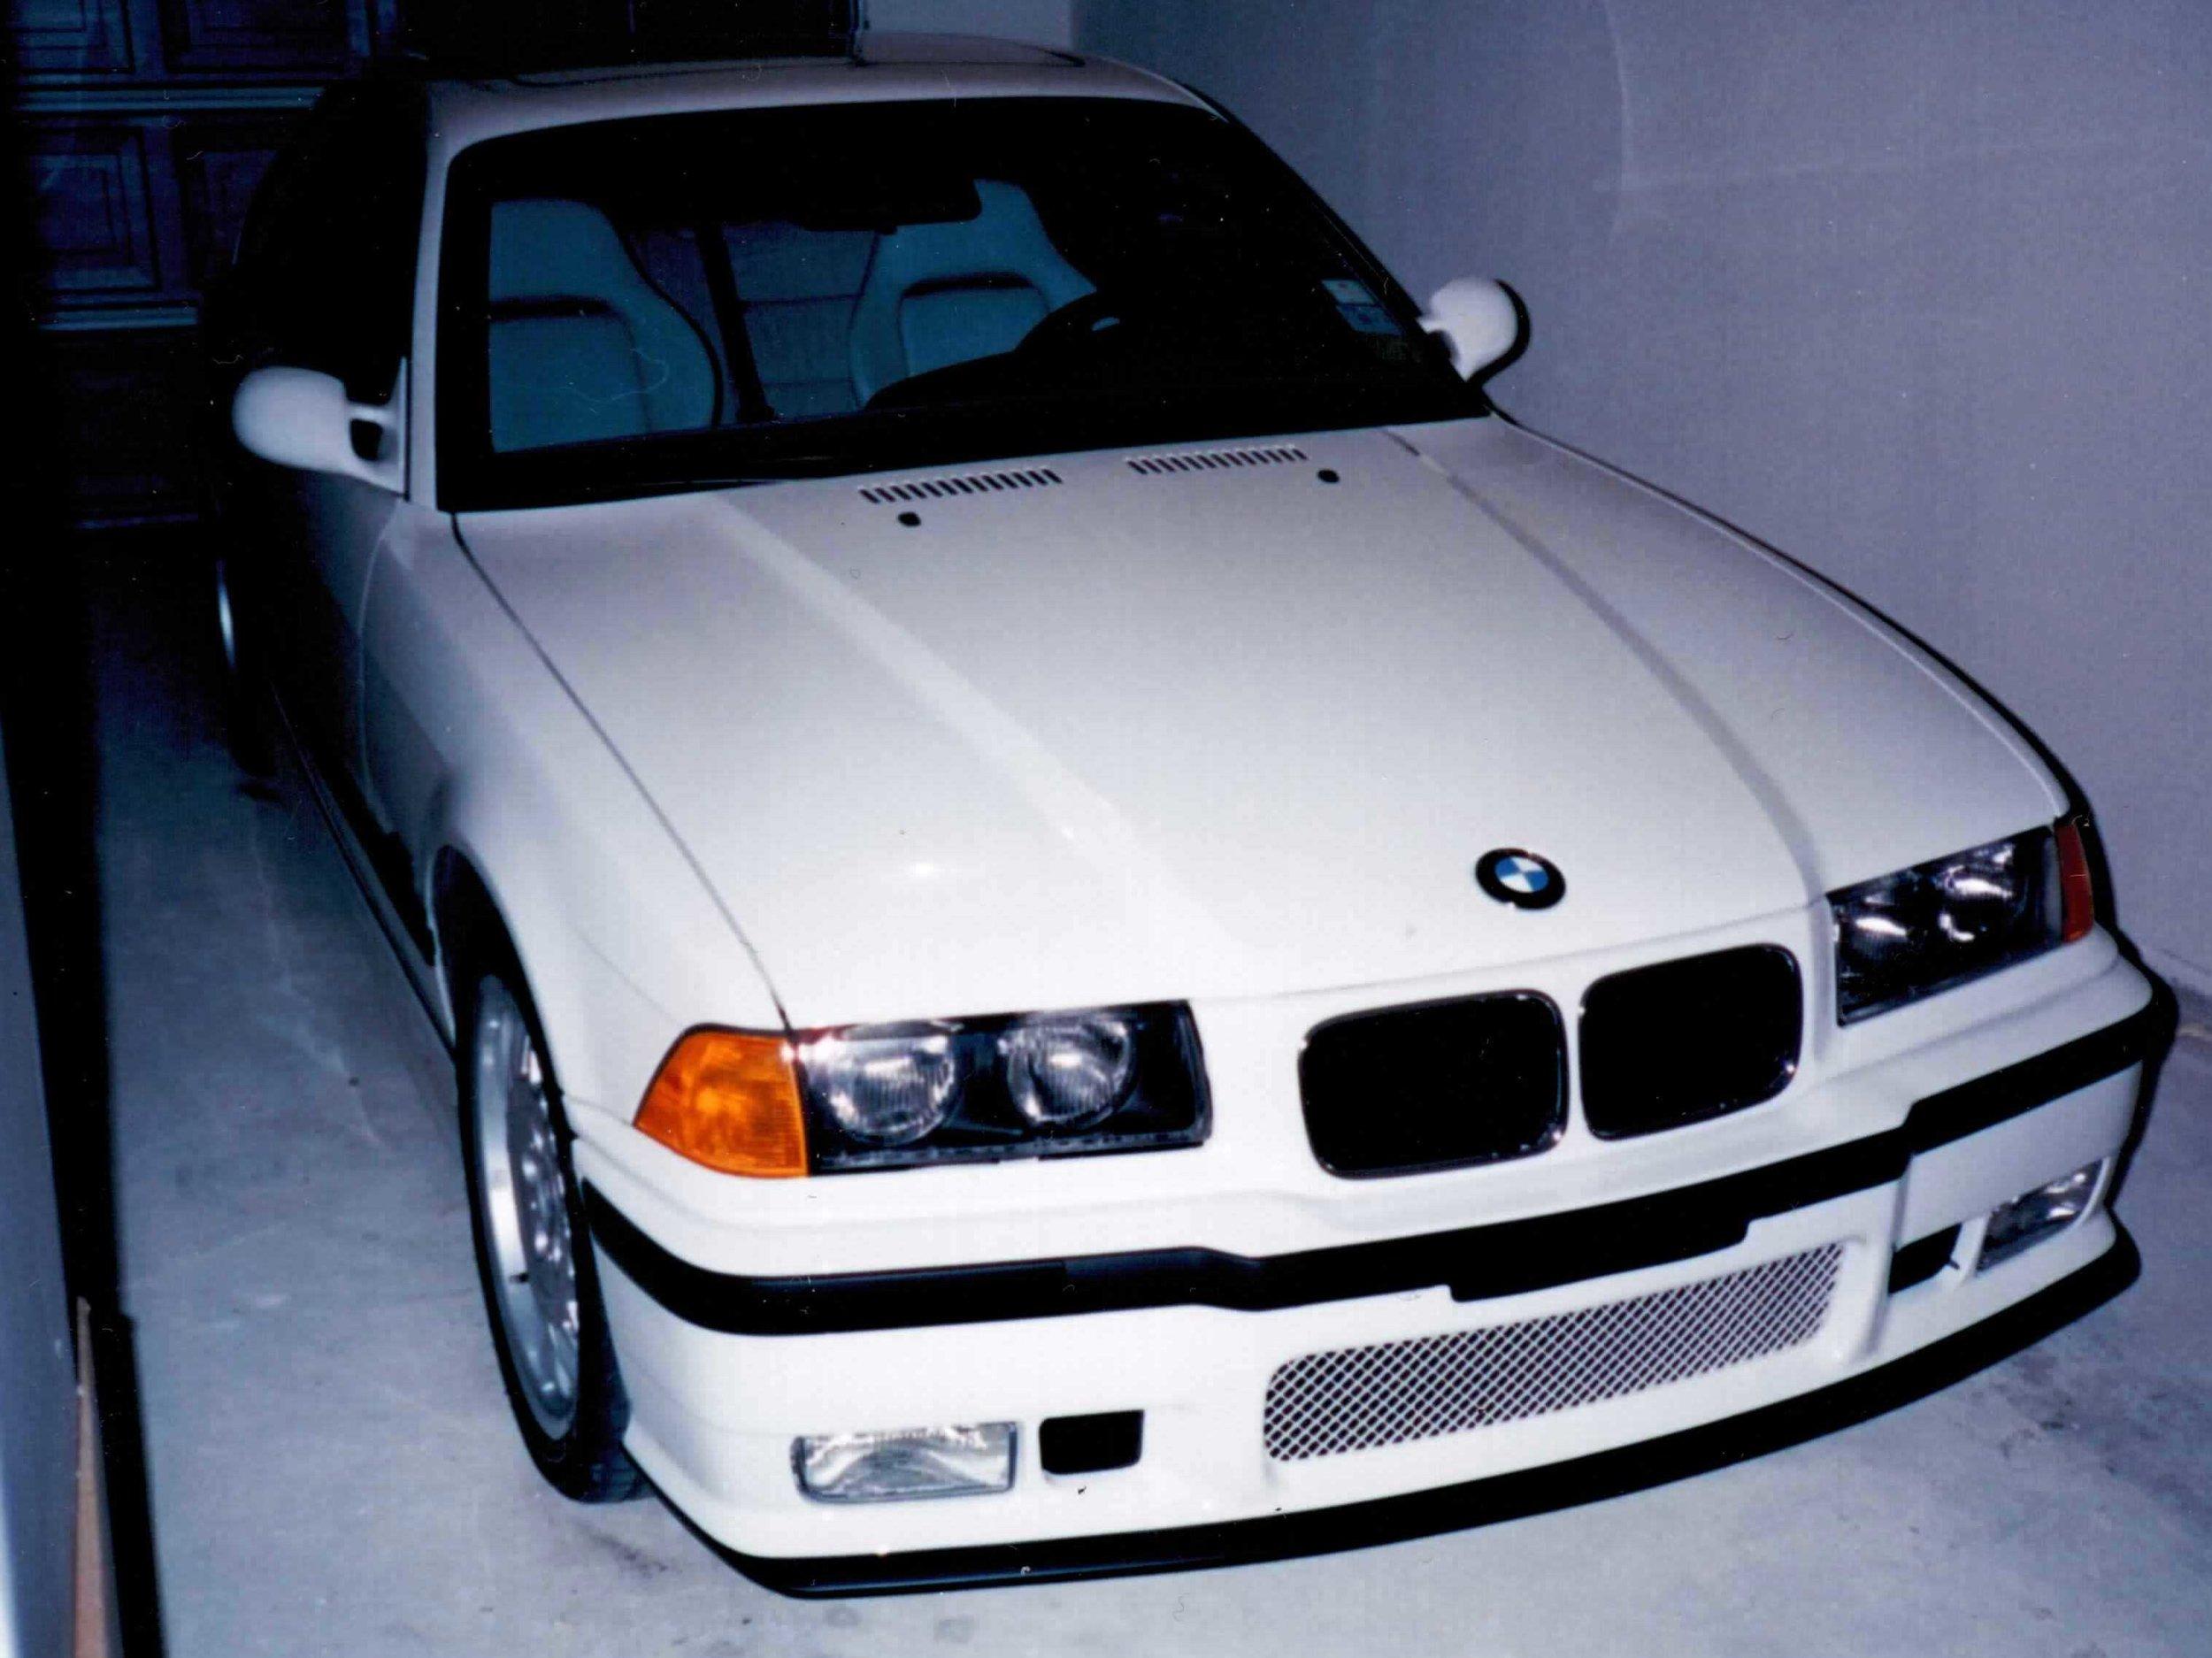 My BMW M3 in Dallas, texas